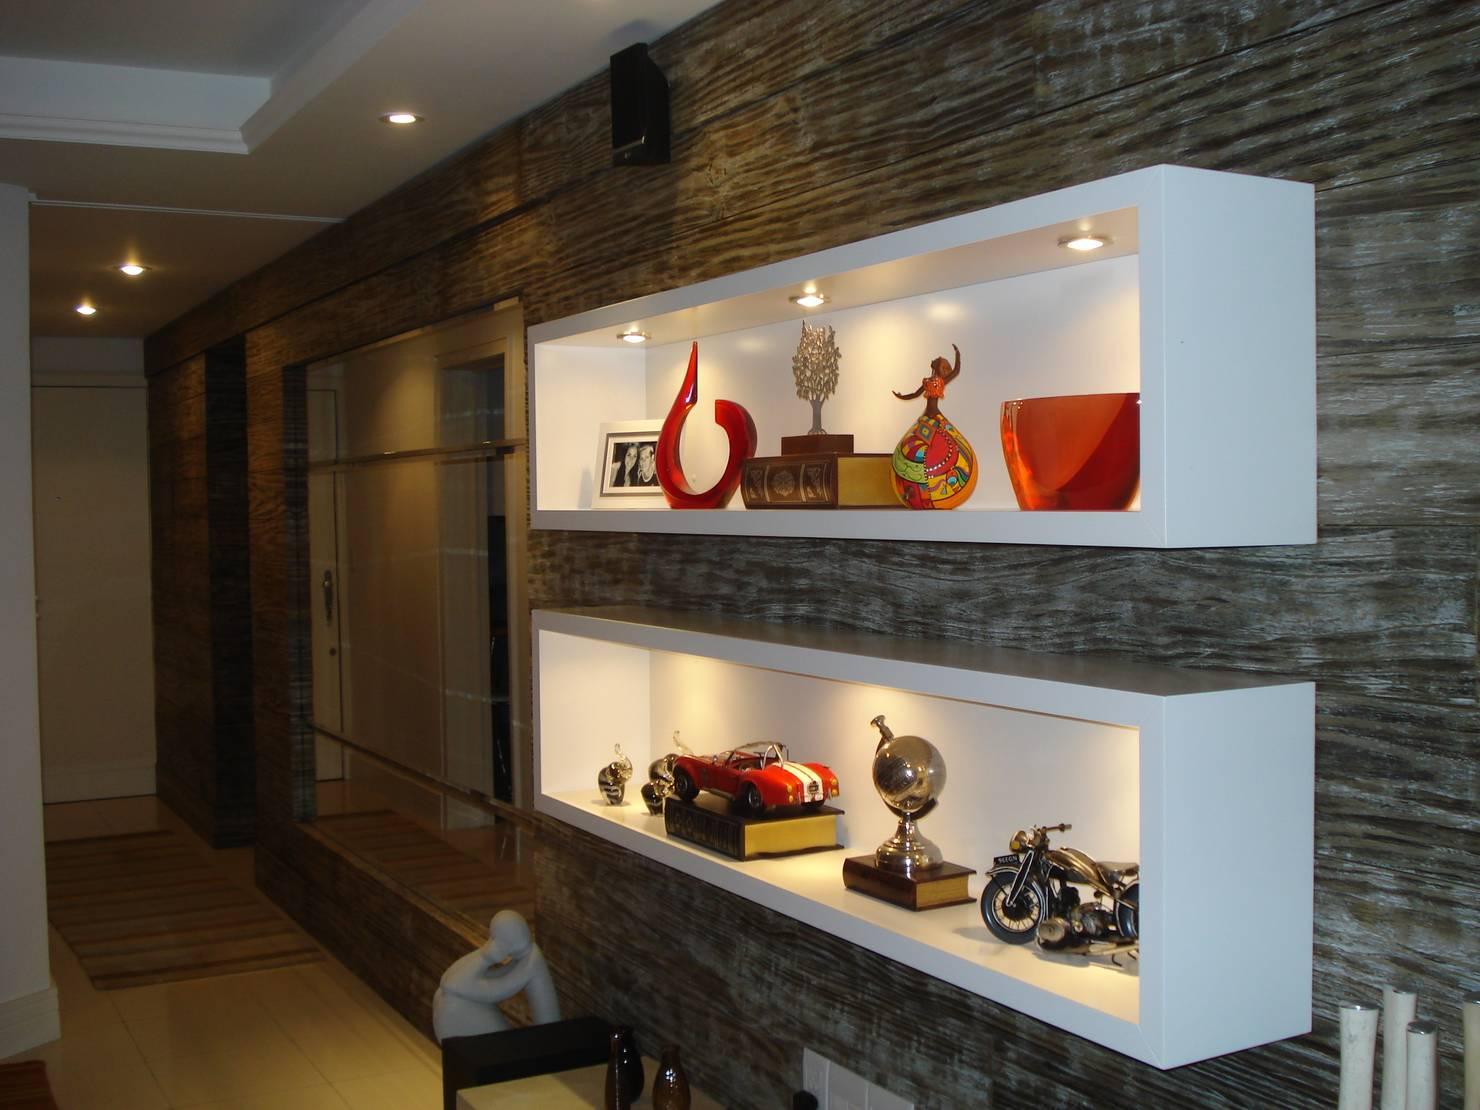 10 modular shelving ideas for modern homes